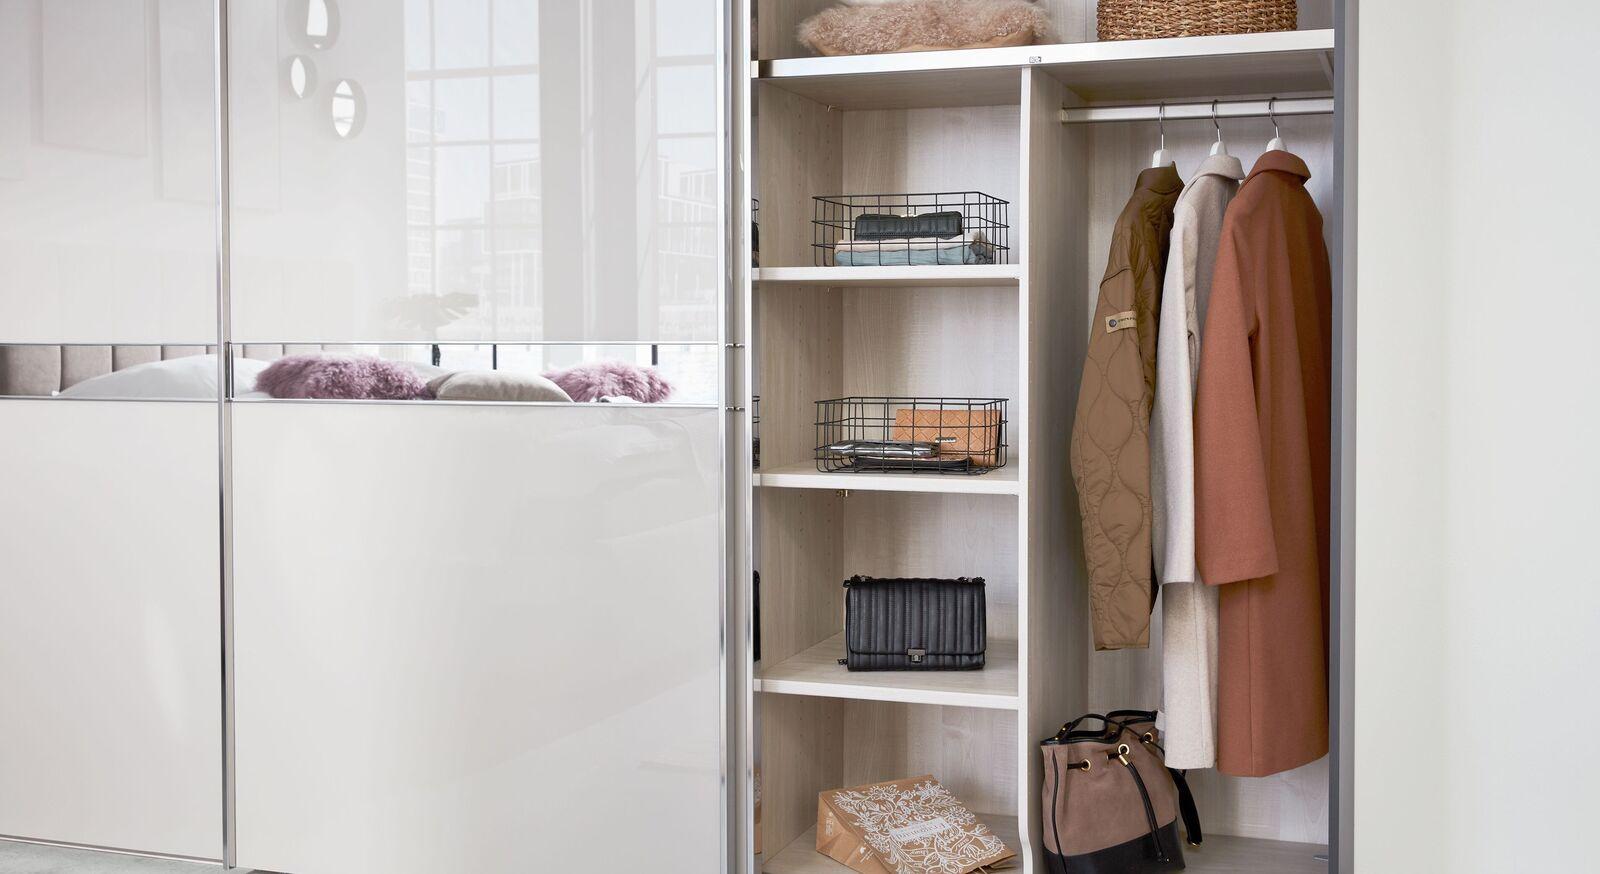 INTERLIVING Schwebetüren-Kleiderschrank 1206 mit zusätzlicher Innenausstattung